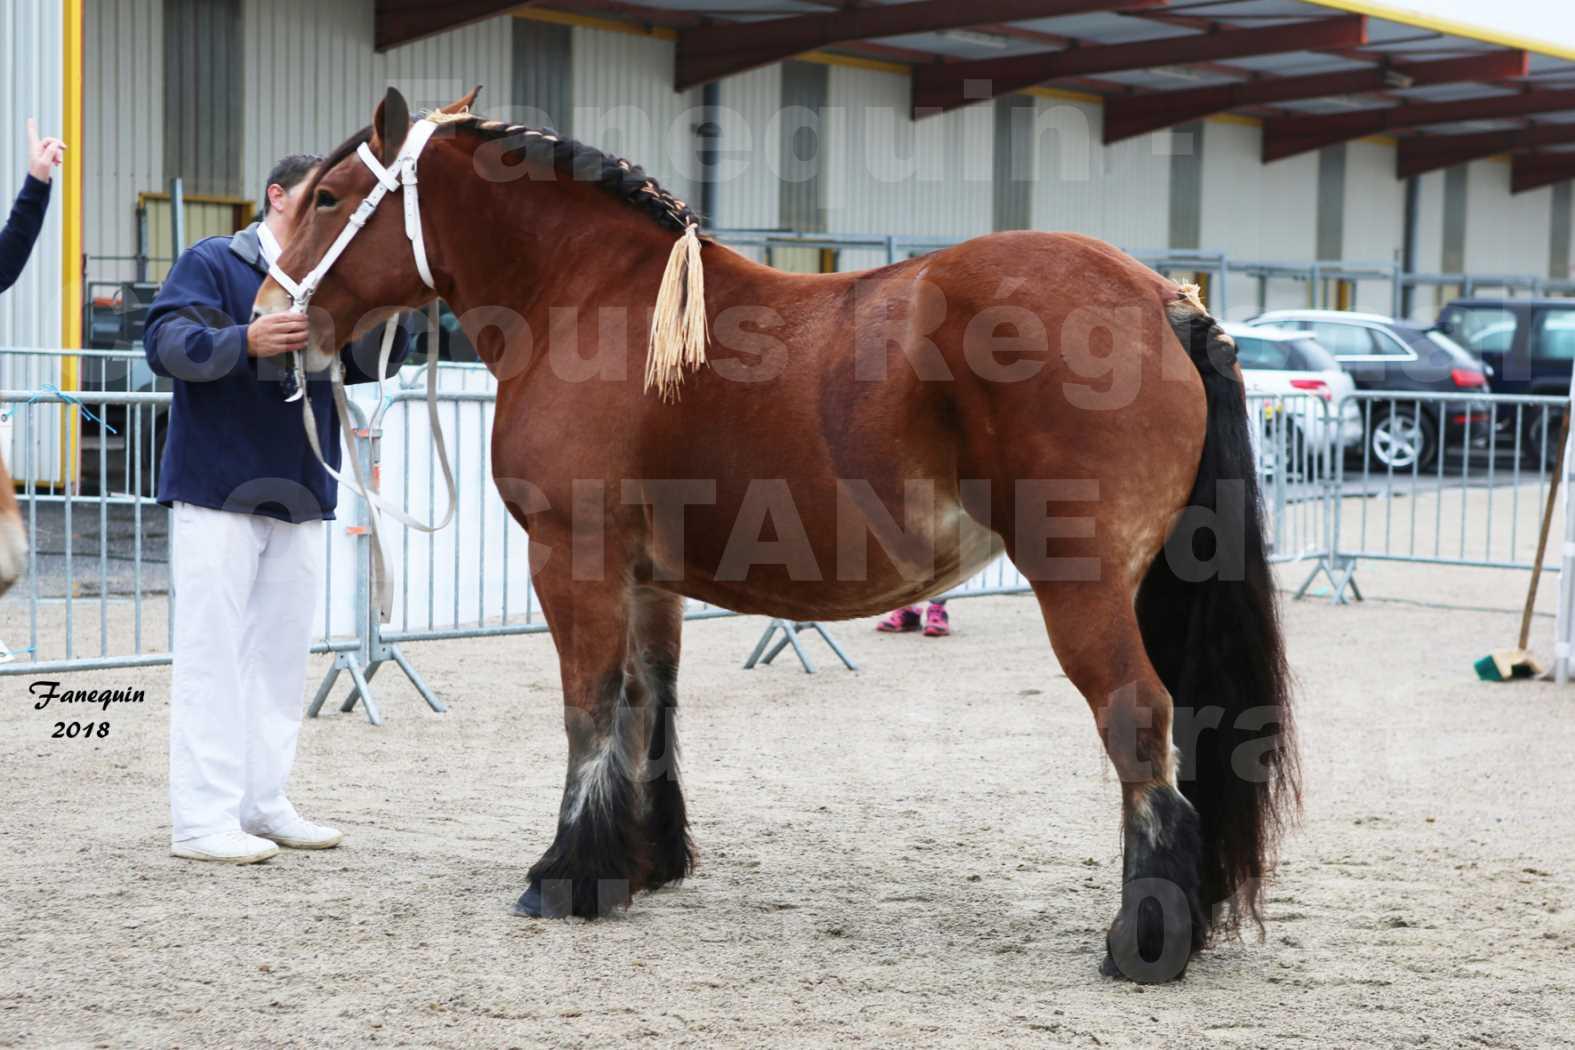 Concours Régional OCCITANIE de chevaux de traits à REQUISTA - COMETE DE GRILLOLES - 5